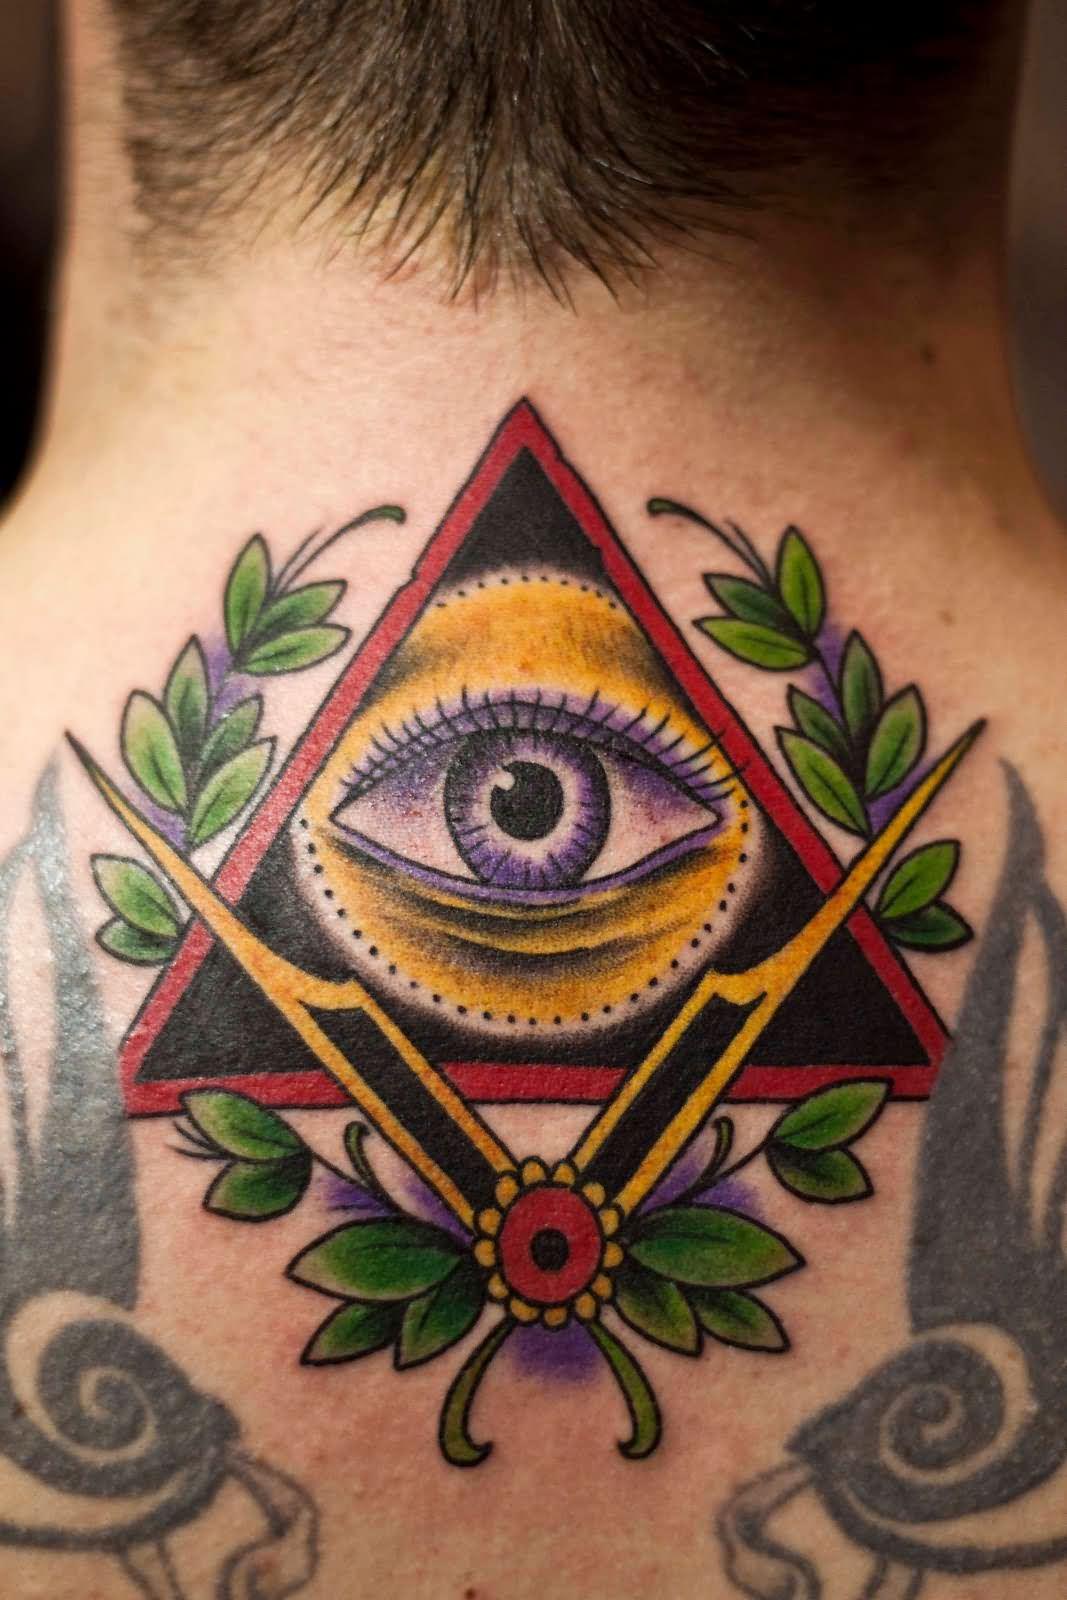 41e47f5a8fe86 Illuminati Tattoos Designs, Ideas and Meaning | Tattoos For You